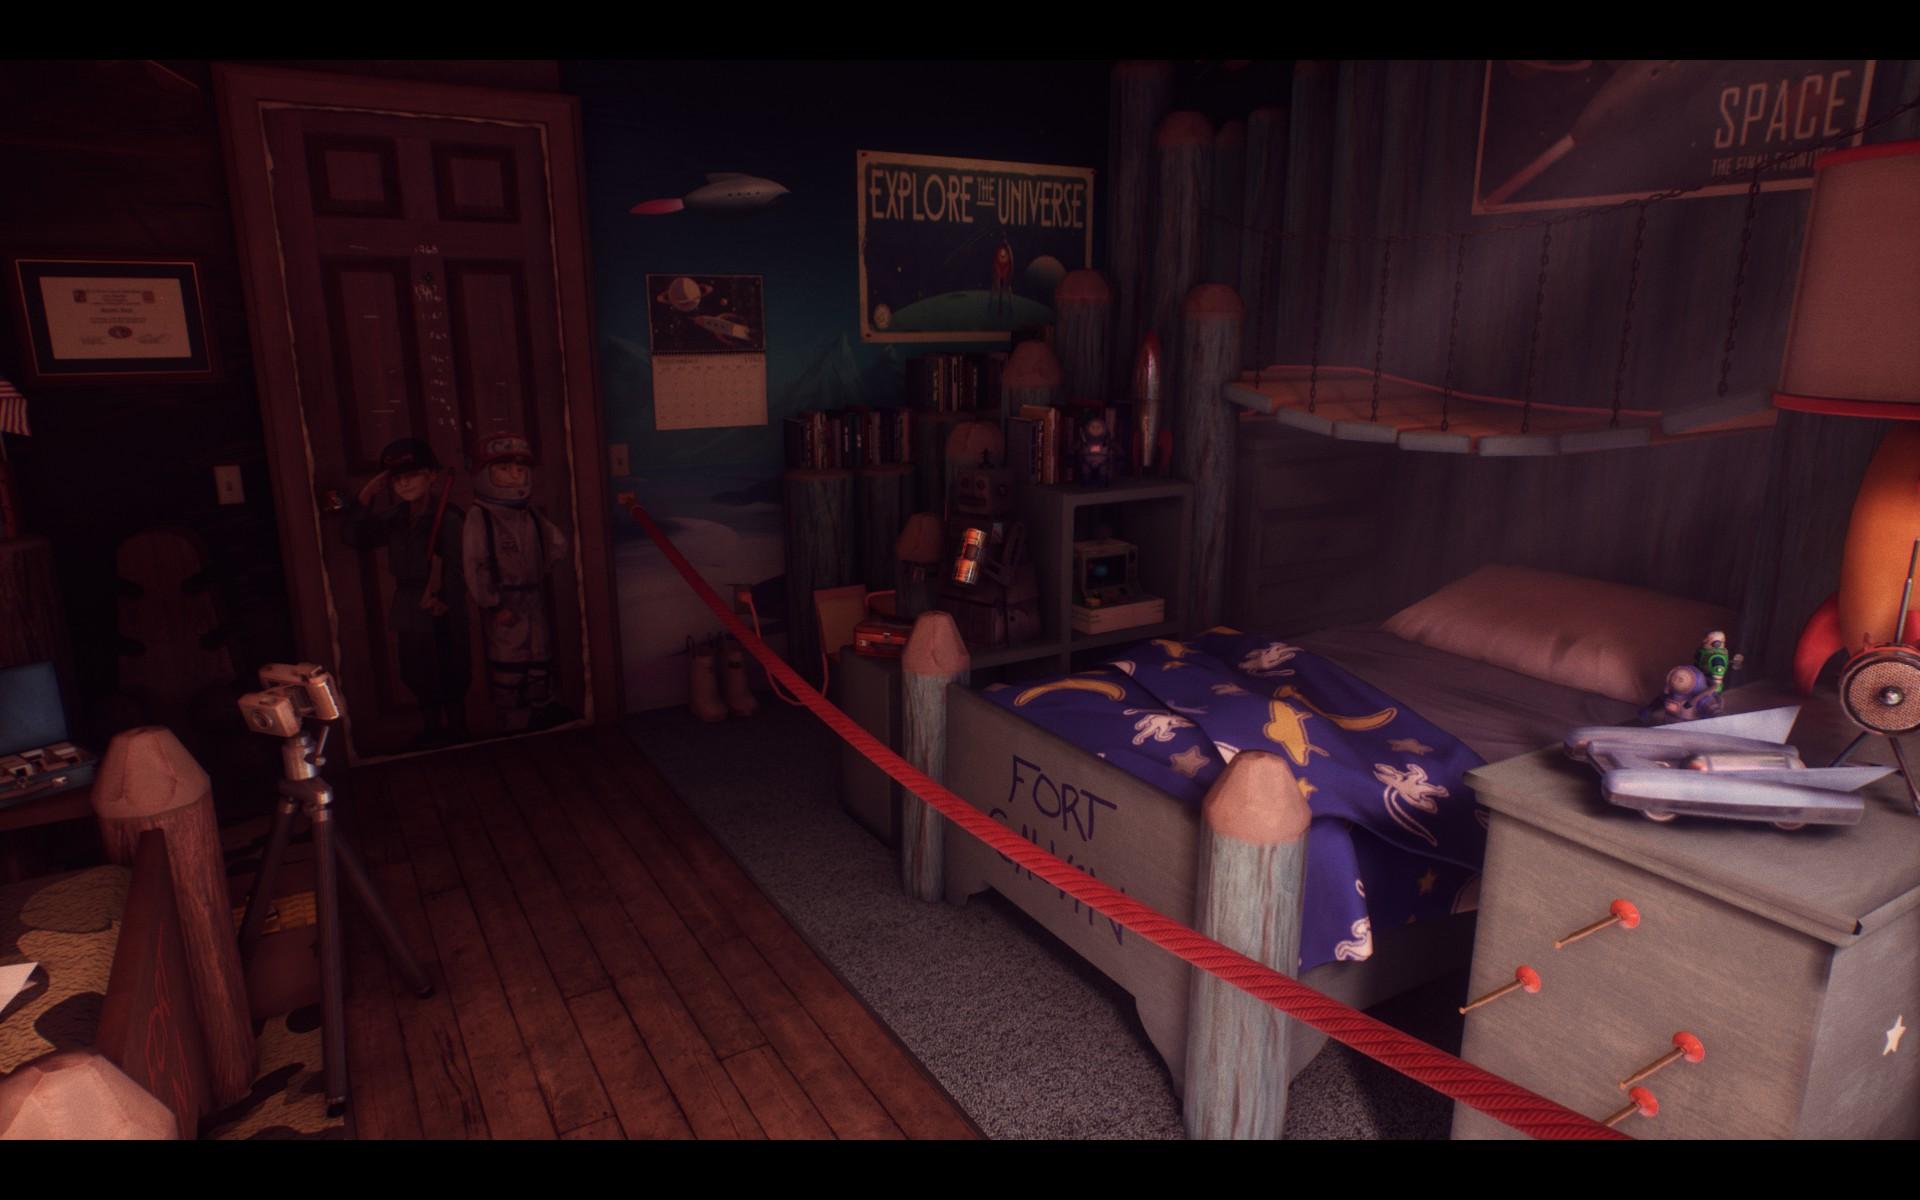 Screenshot: Kinderzimmer mit diversen Spielsachen. Vor dem Bett ist ein Seil zur Absperrung gespannt.